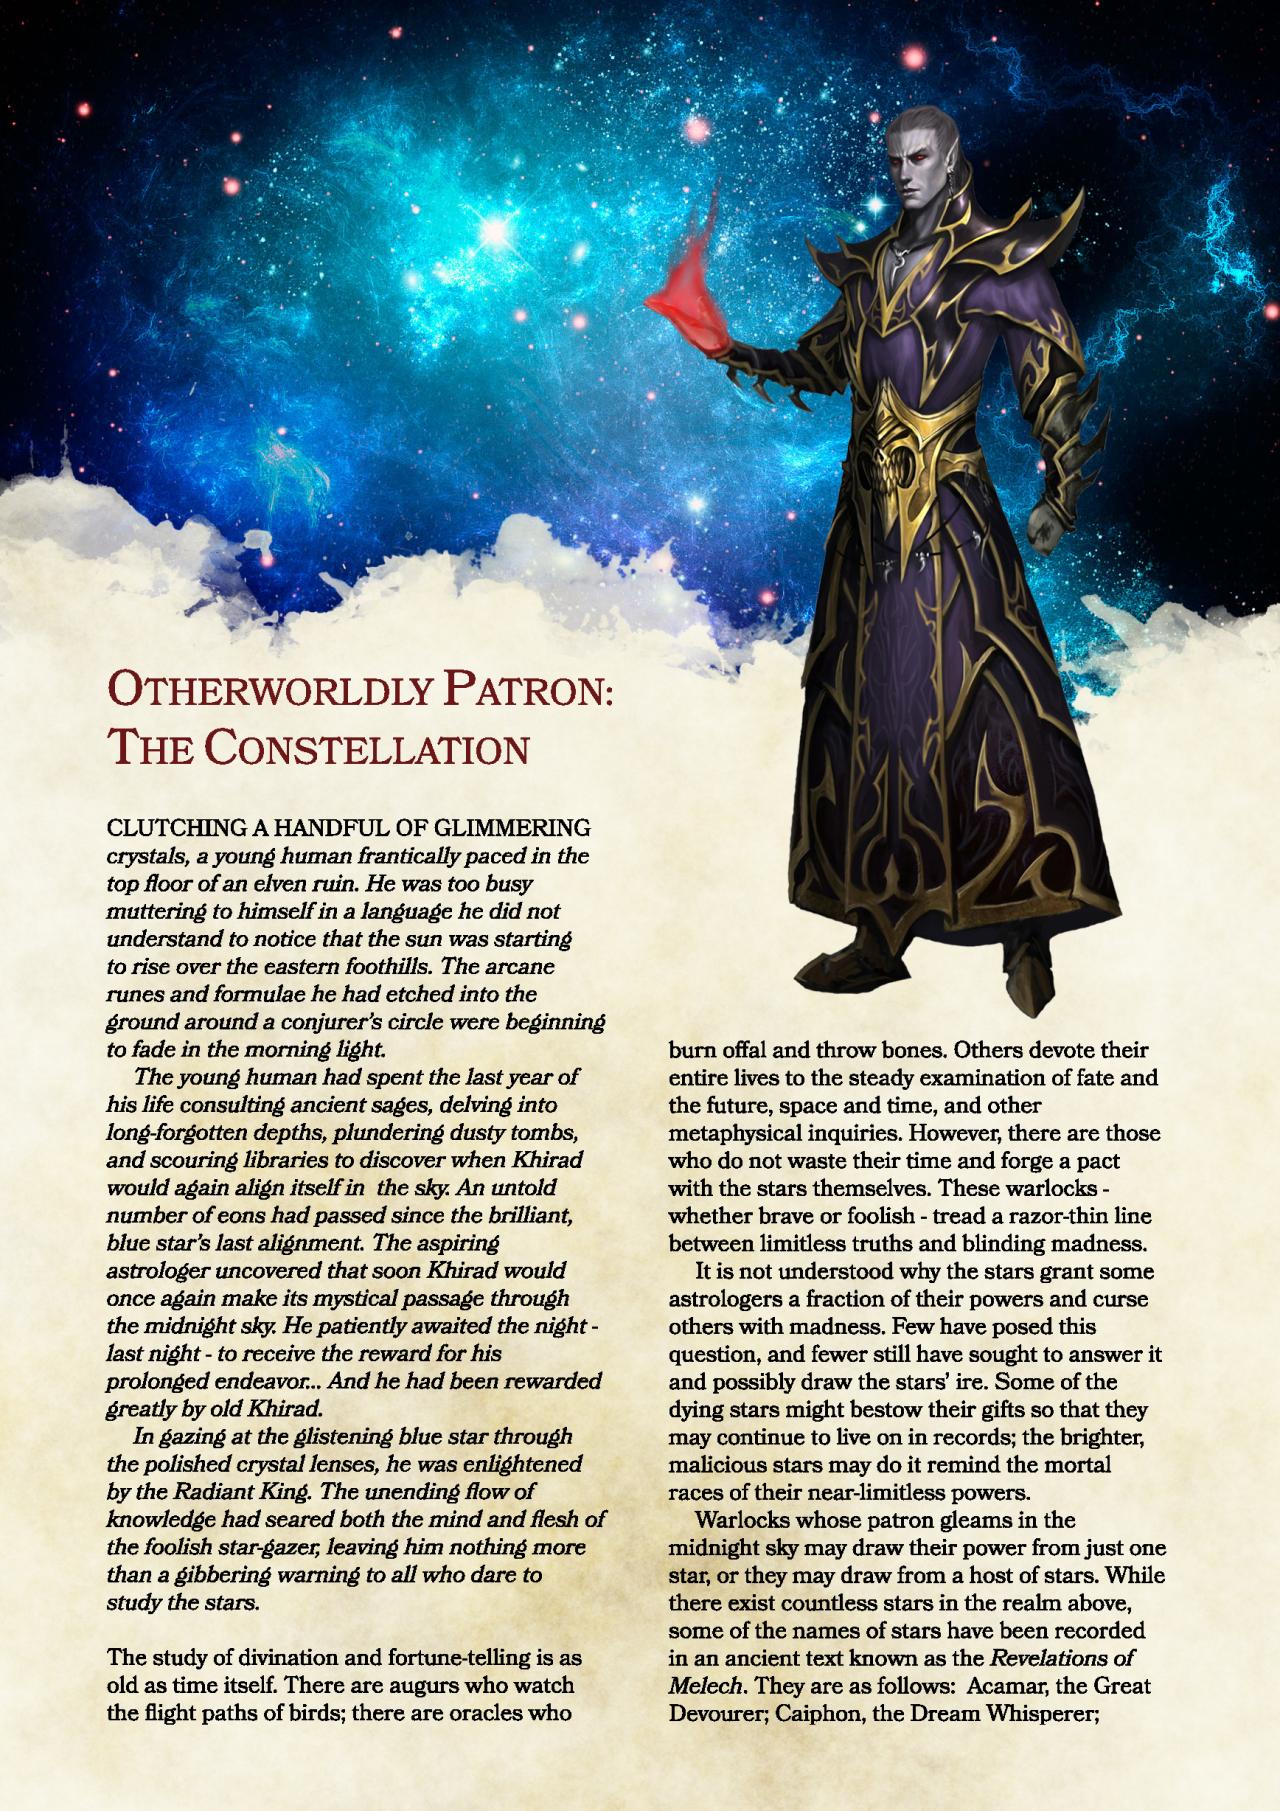 DnD 5e Homebrew — Constellation Patron Warlock By BalthasarBarikdral